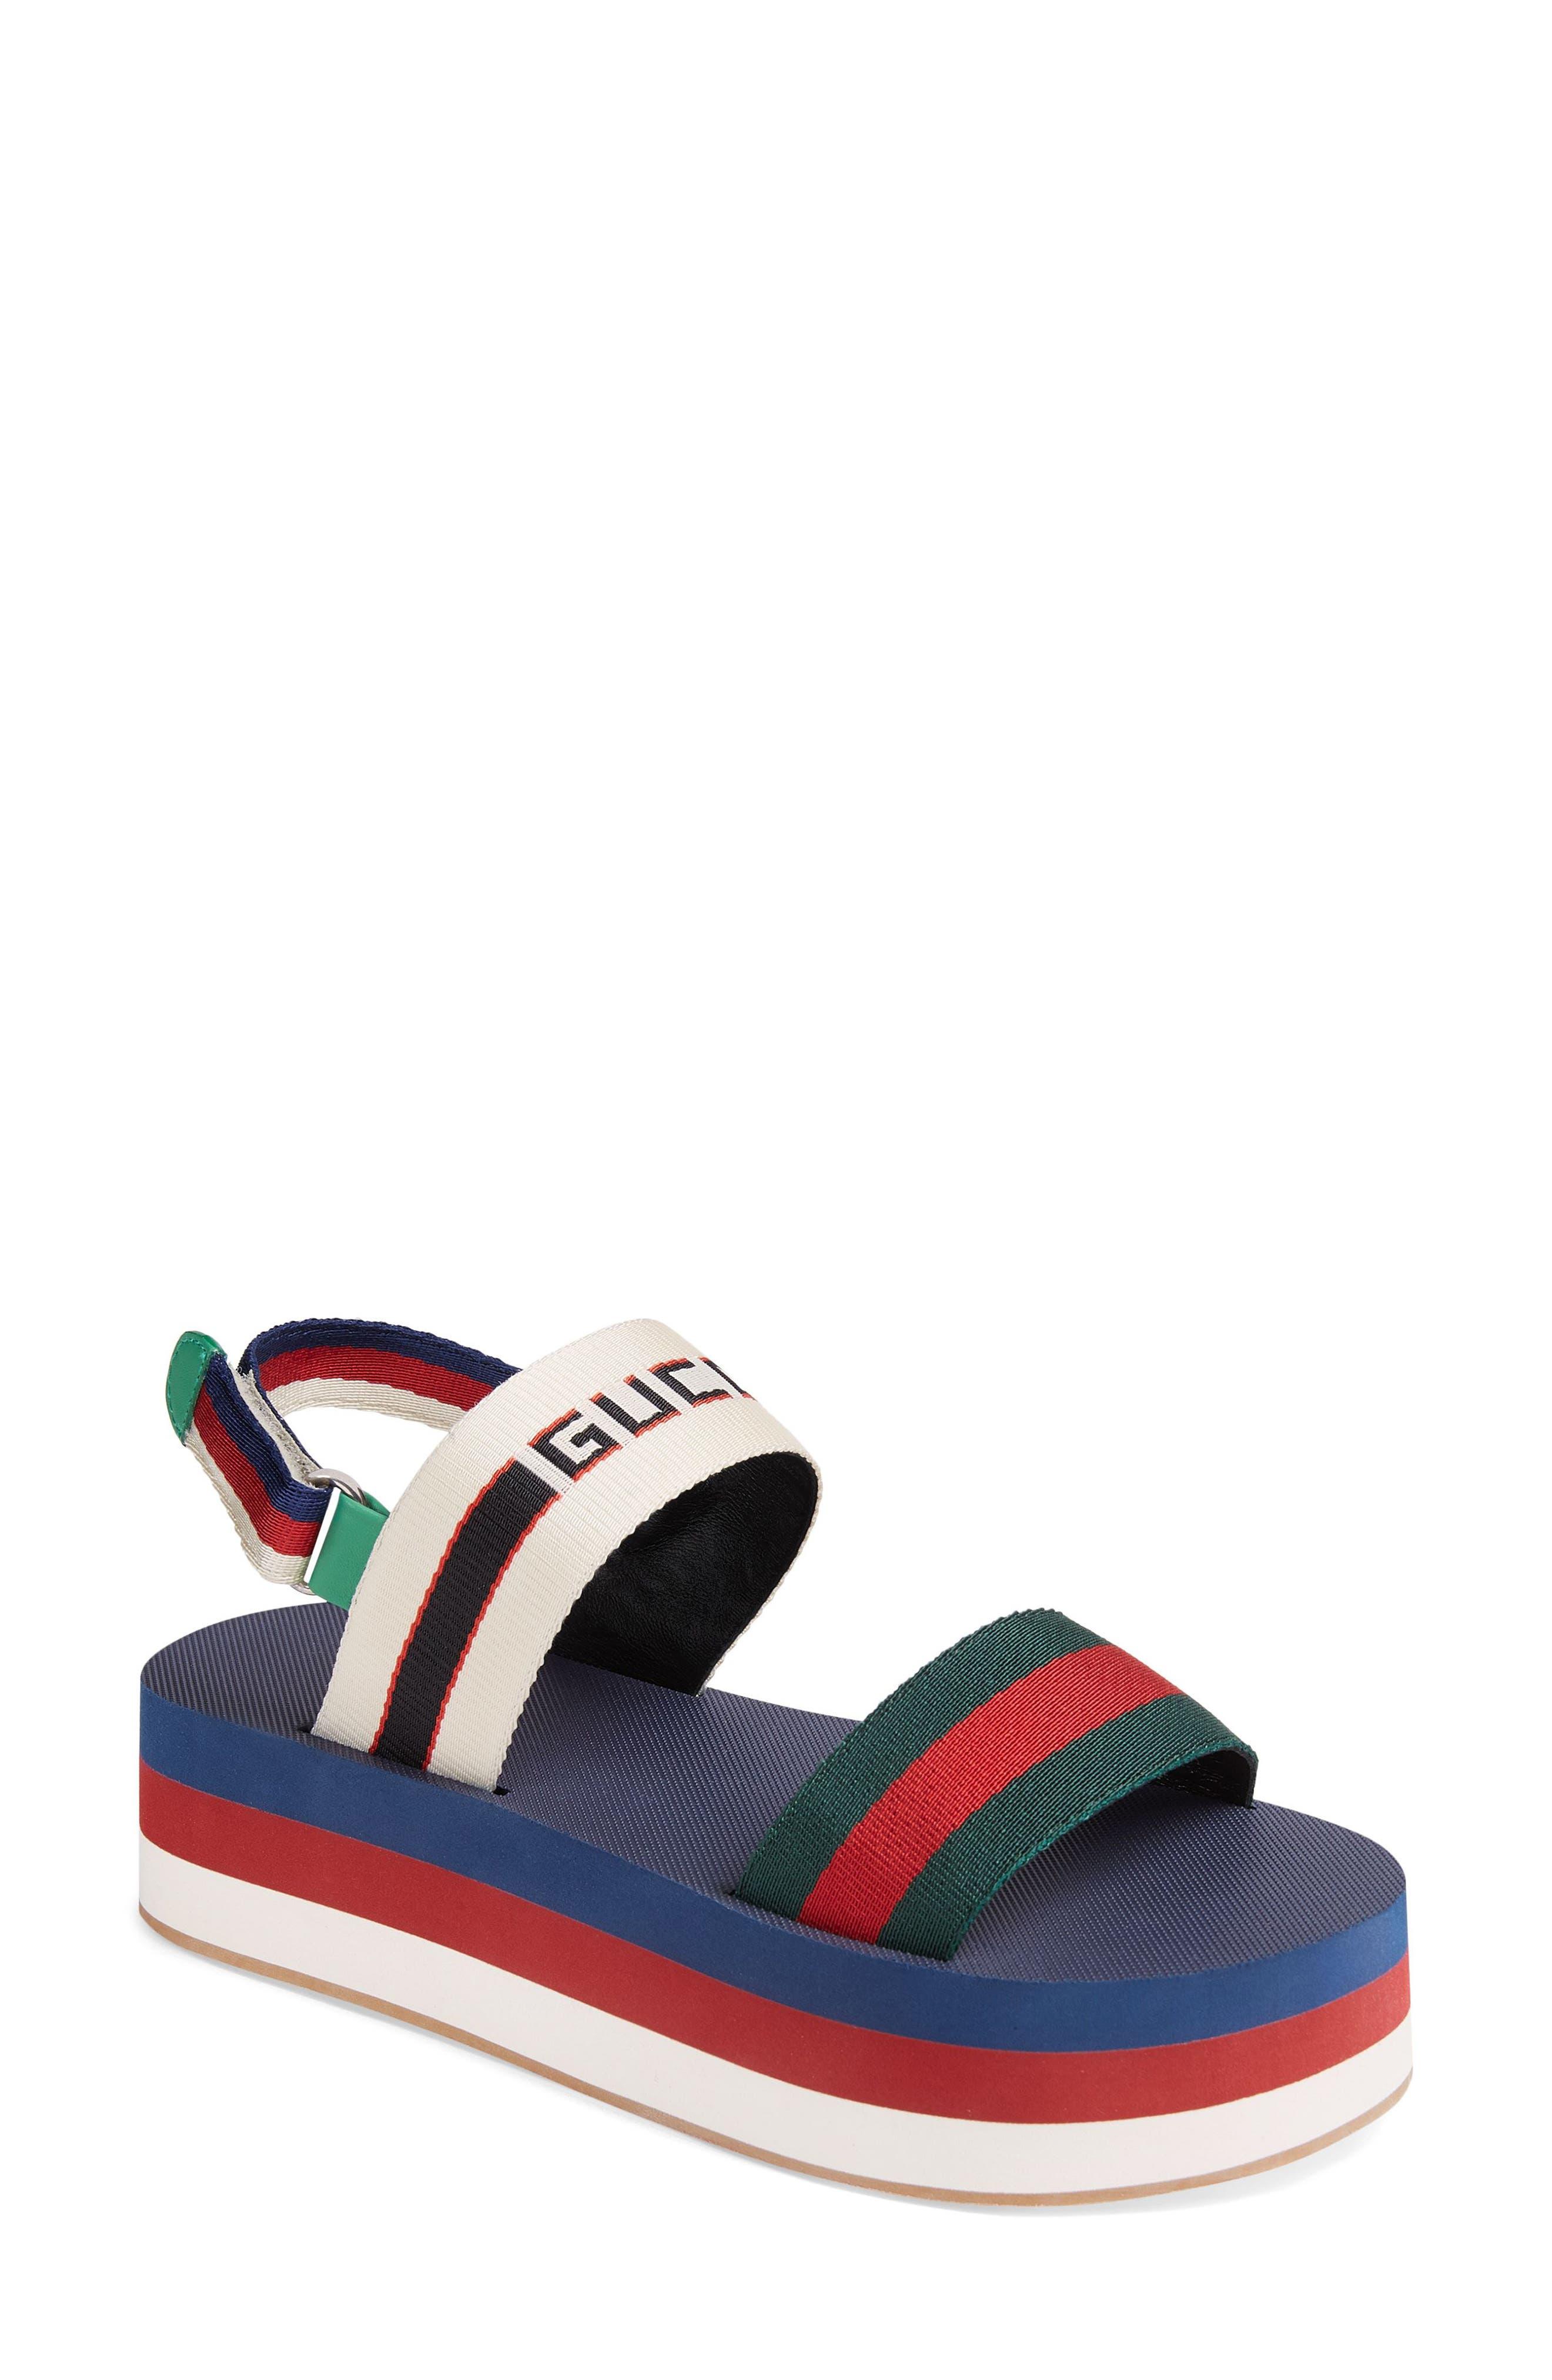 Slingback Flatform Sandal,                         Main,                         color, Blue/ Red